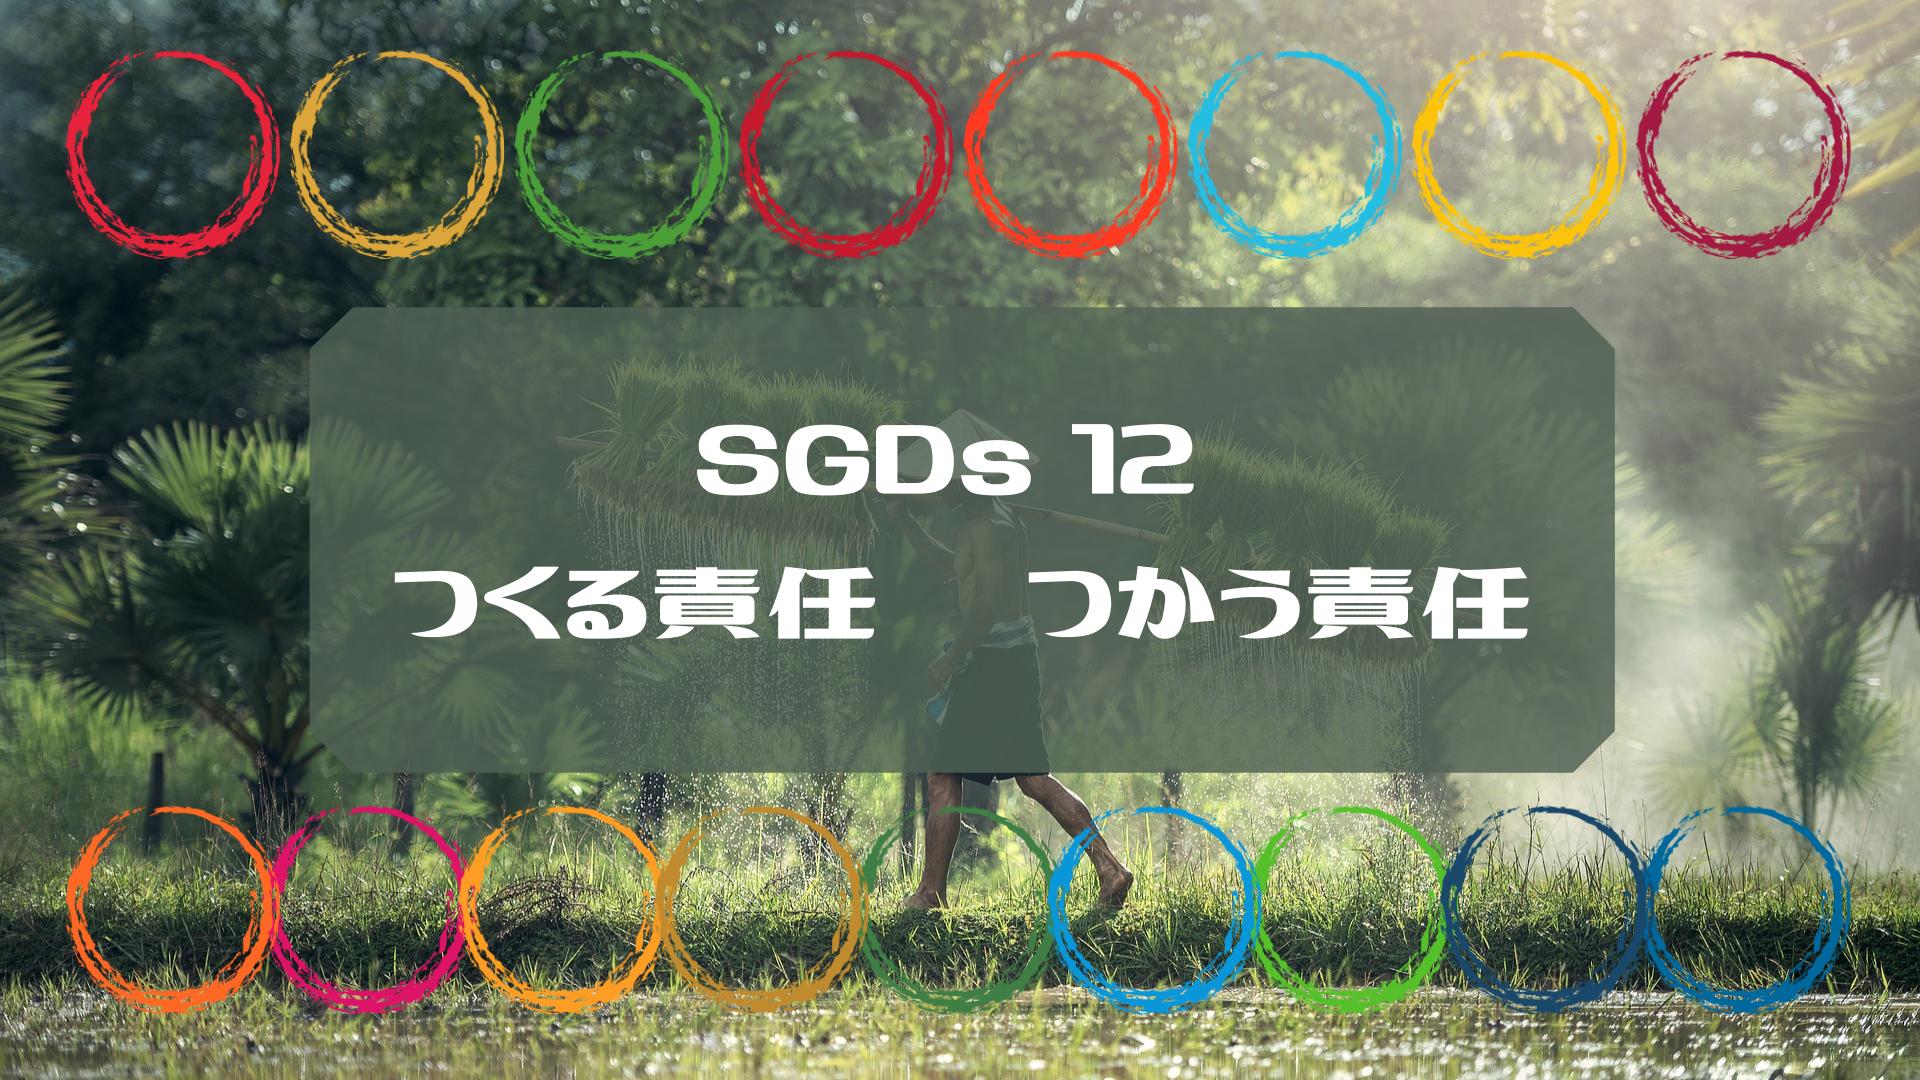 SDGs目標12「つくる責任 つかう責任」を考える|企業はどう向き合えばいい?